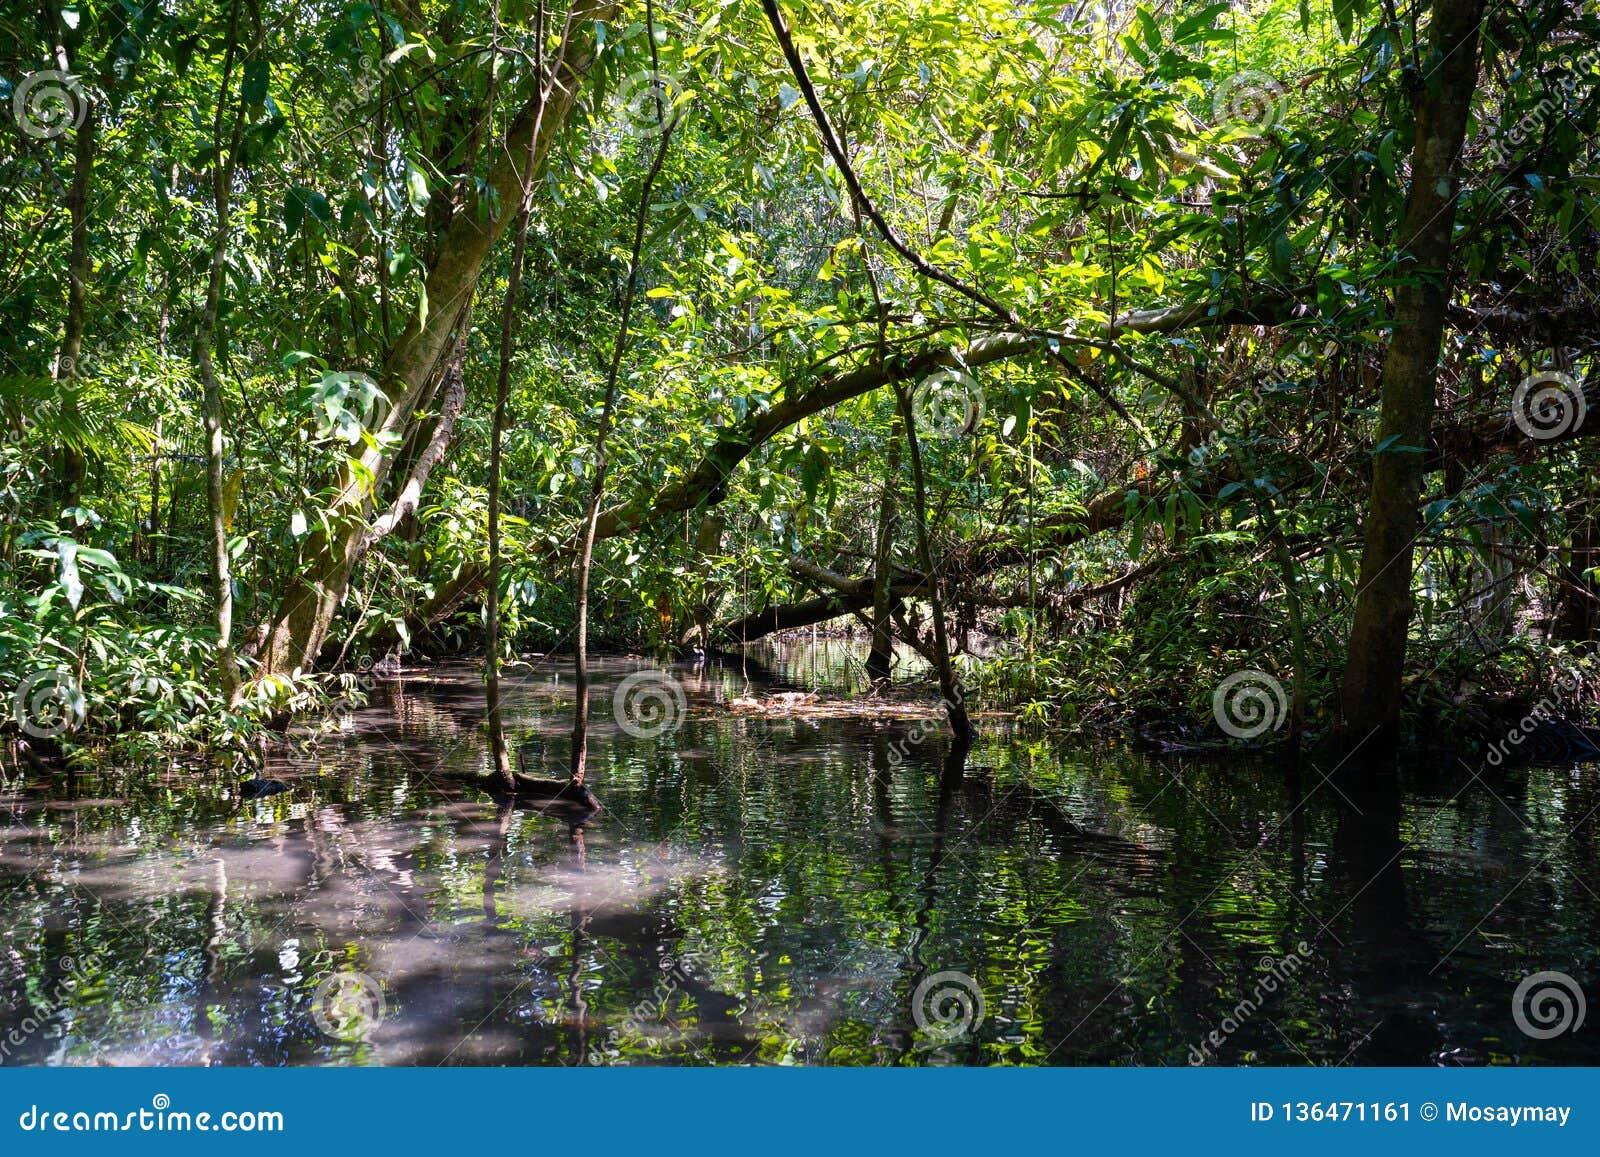 12月22日2018泰国:旅行美洲红树森林乘划艇